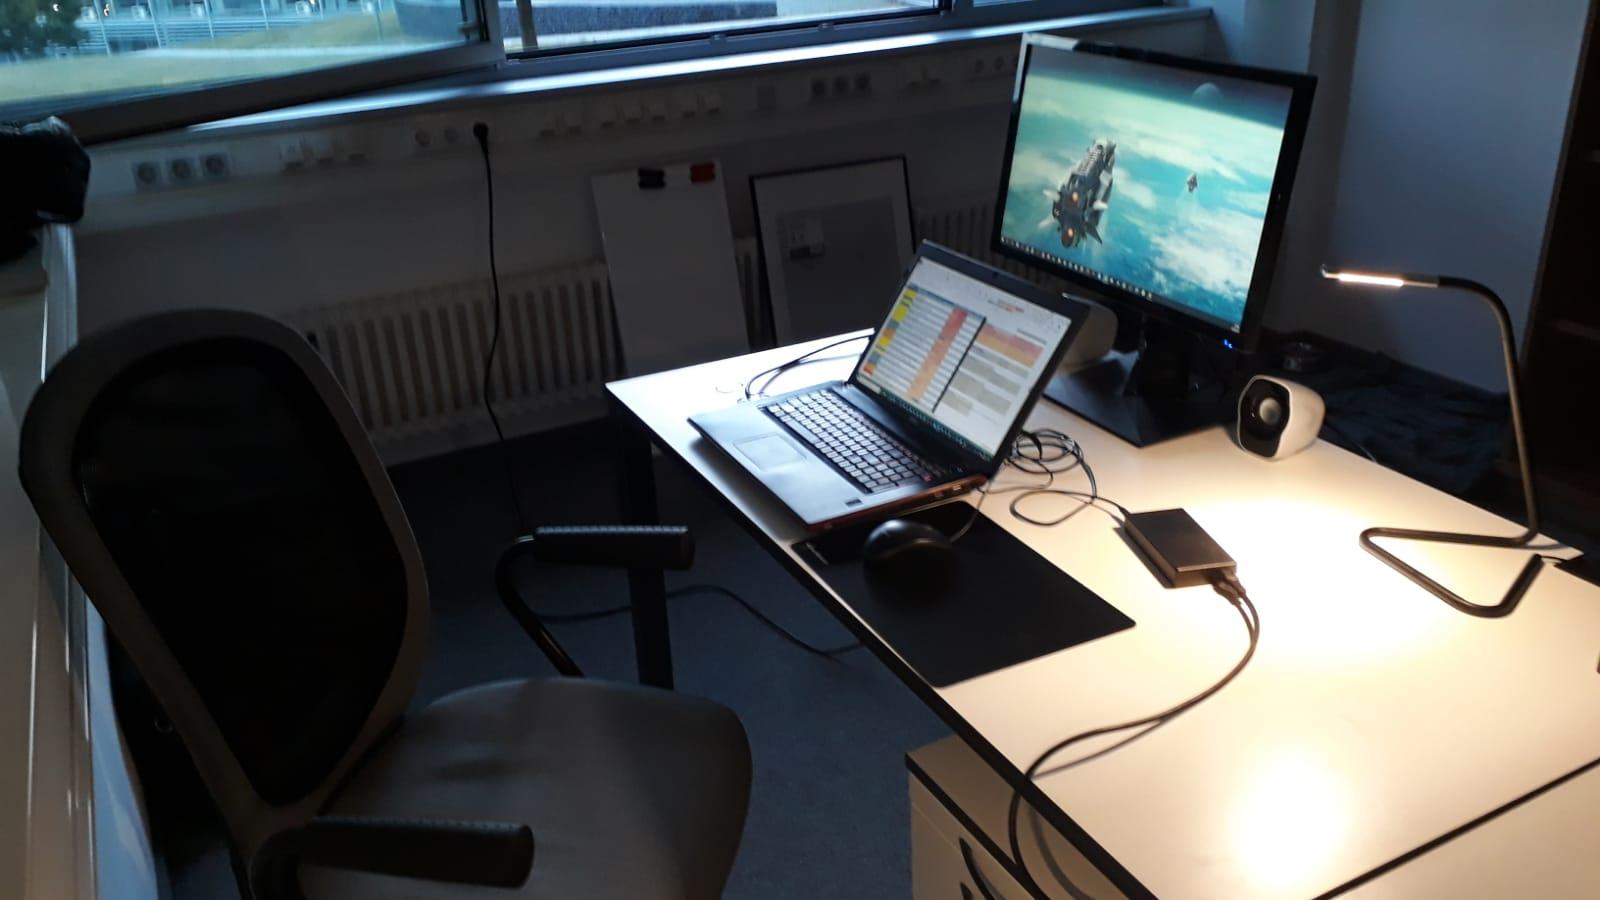 Office Julian